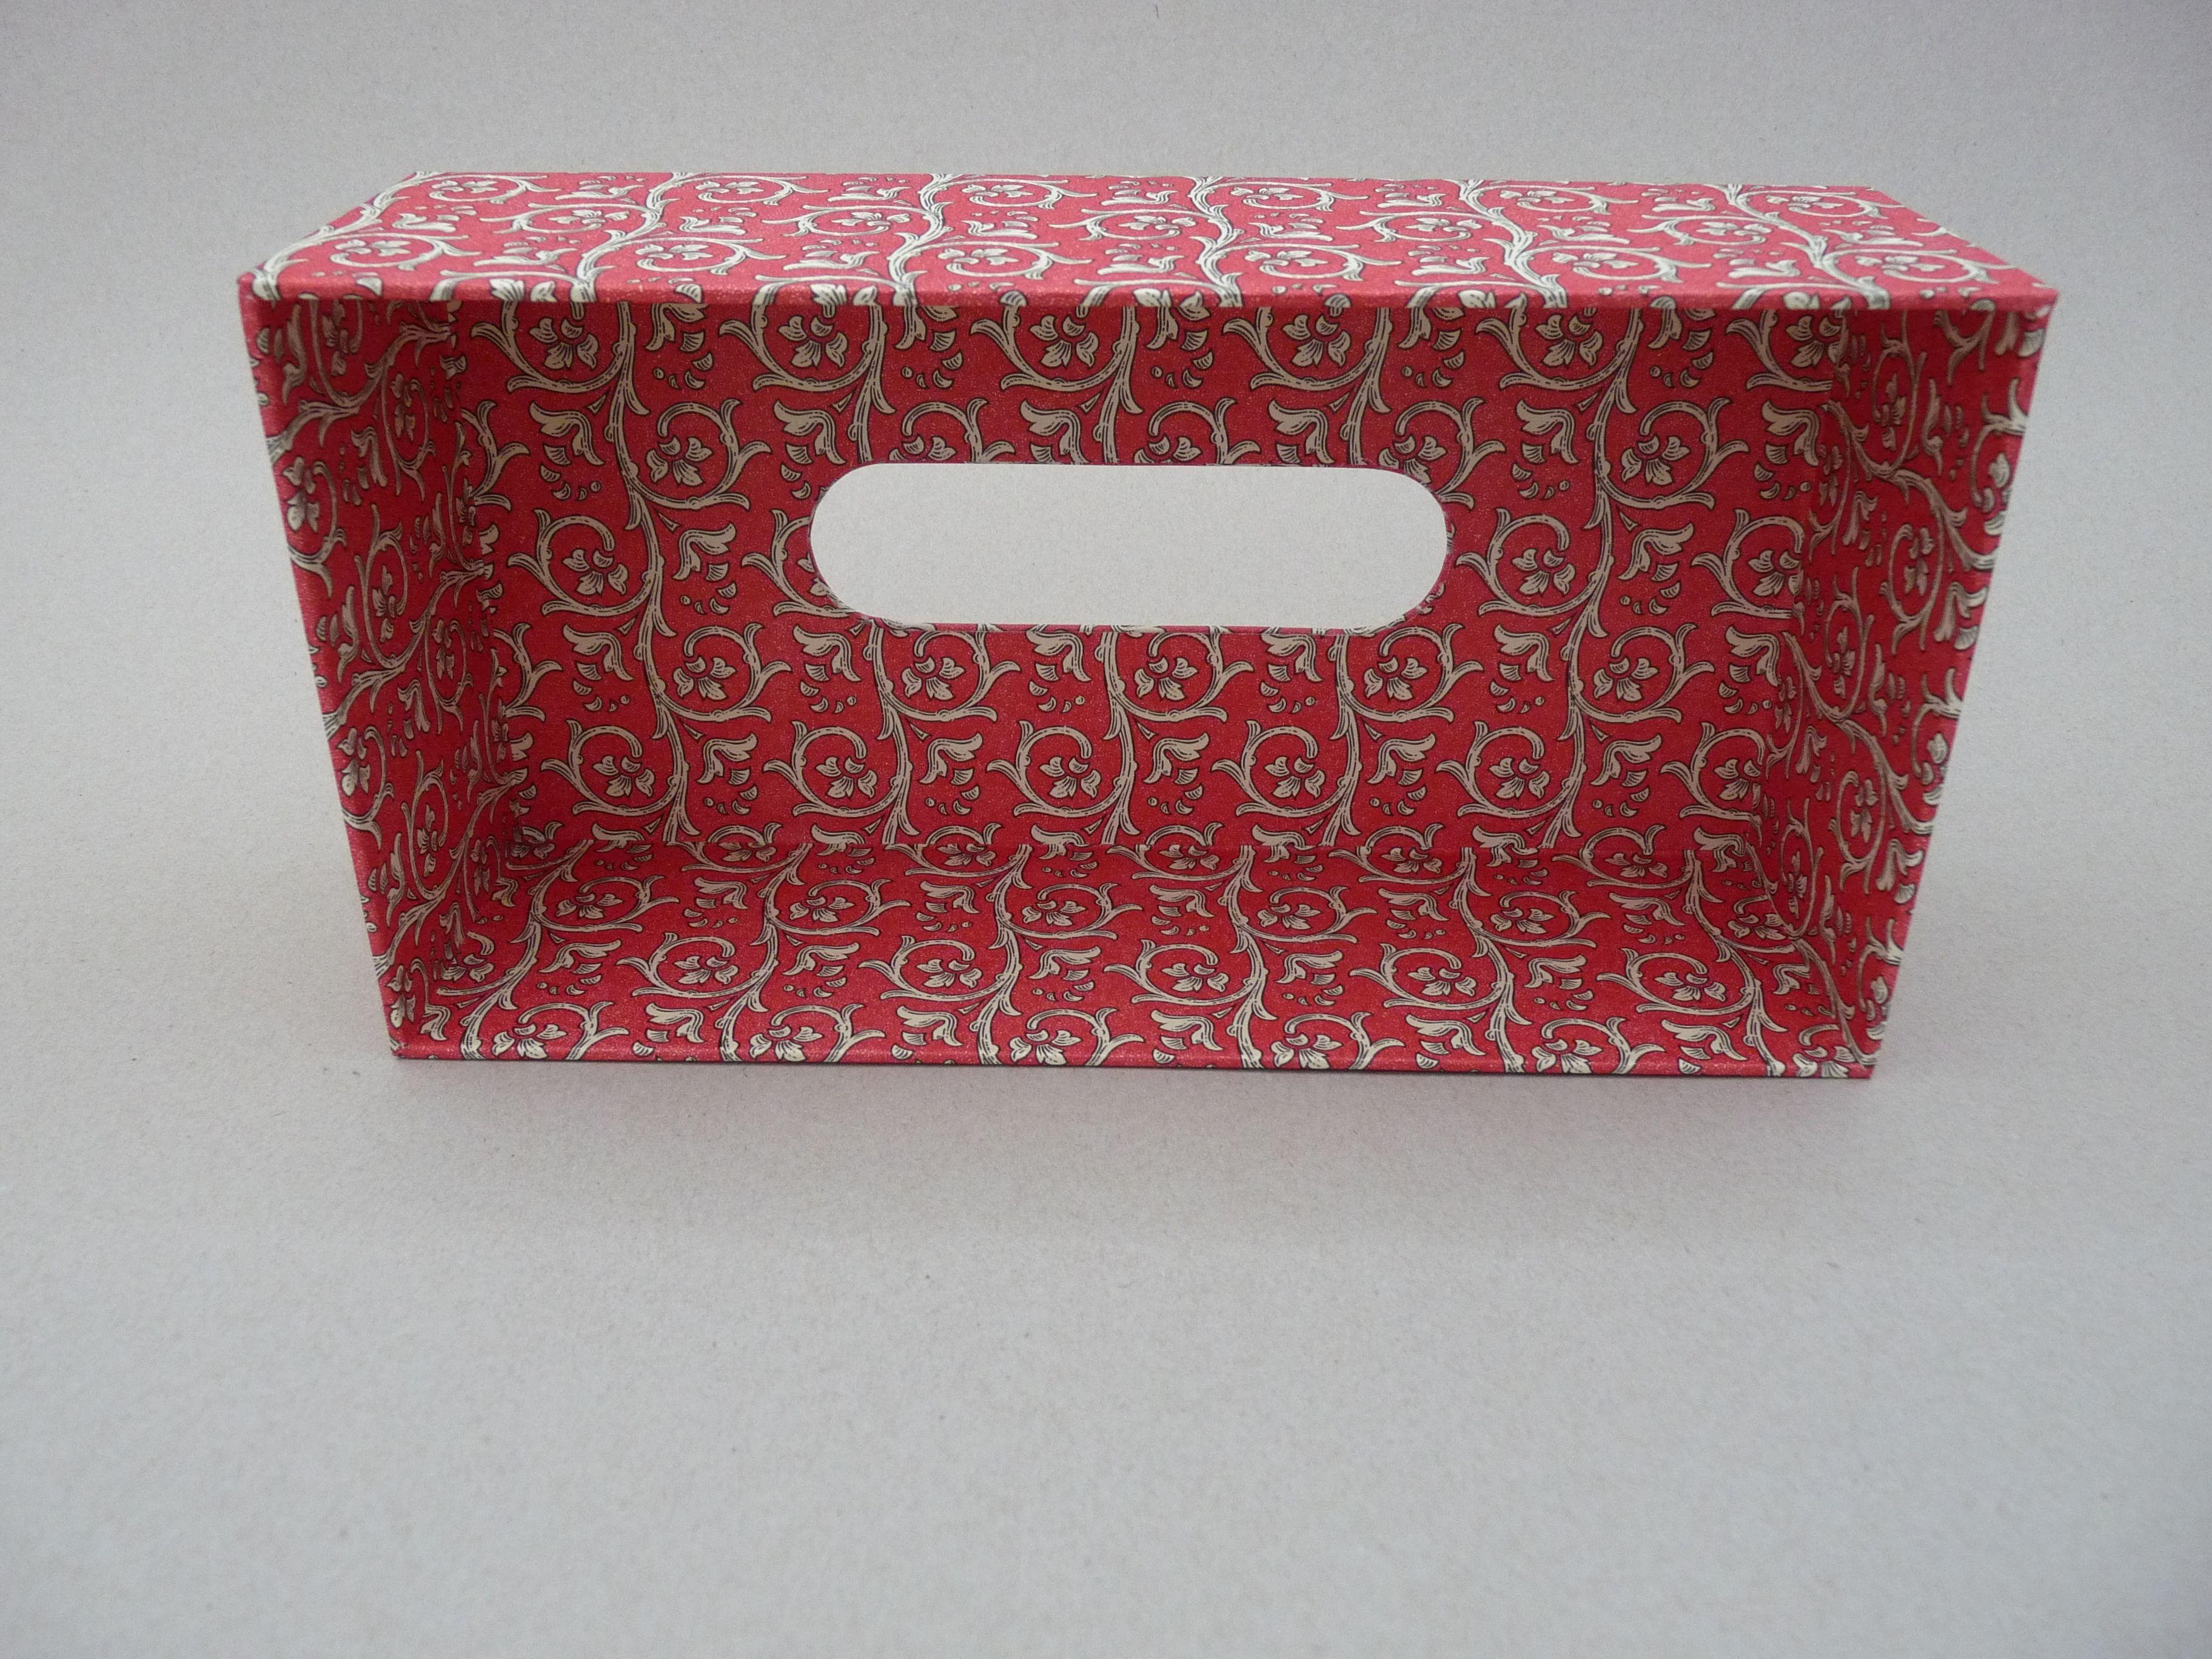 Tissuebox red inside